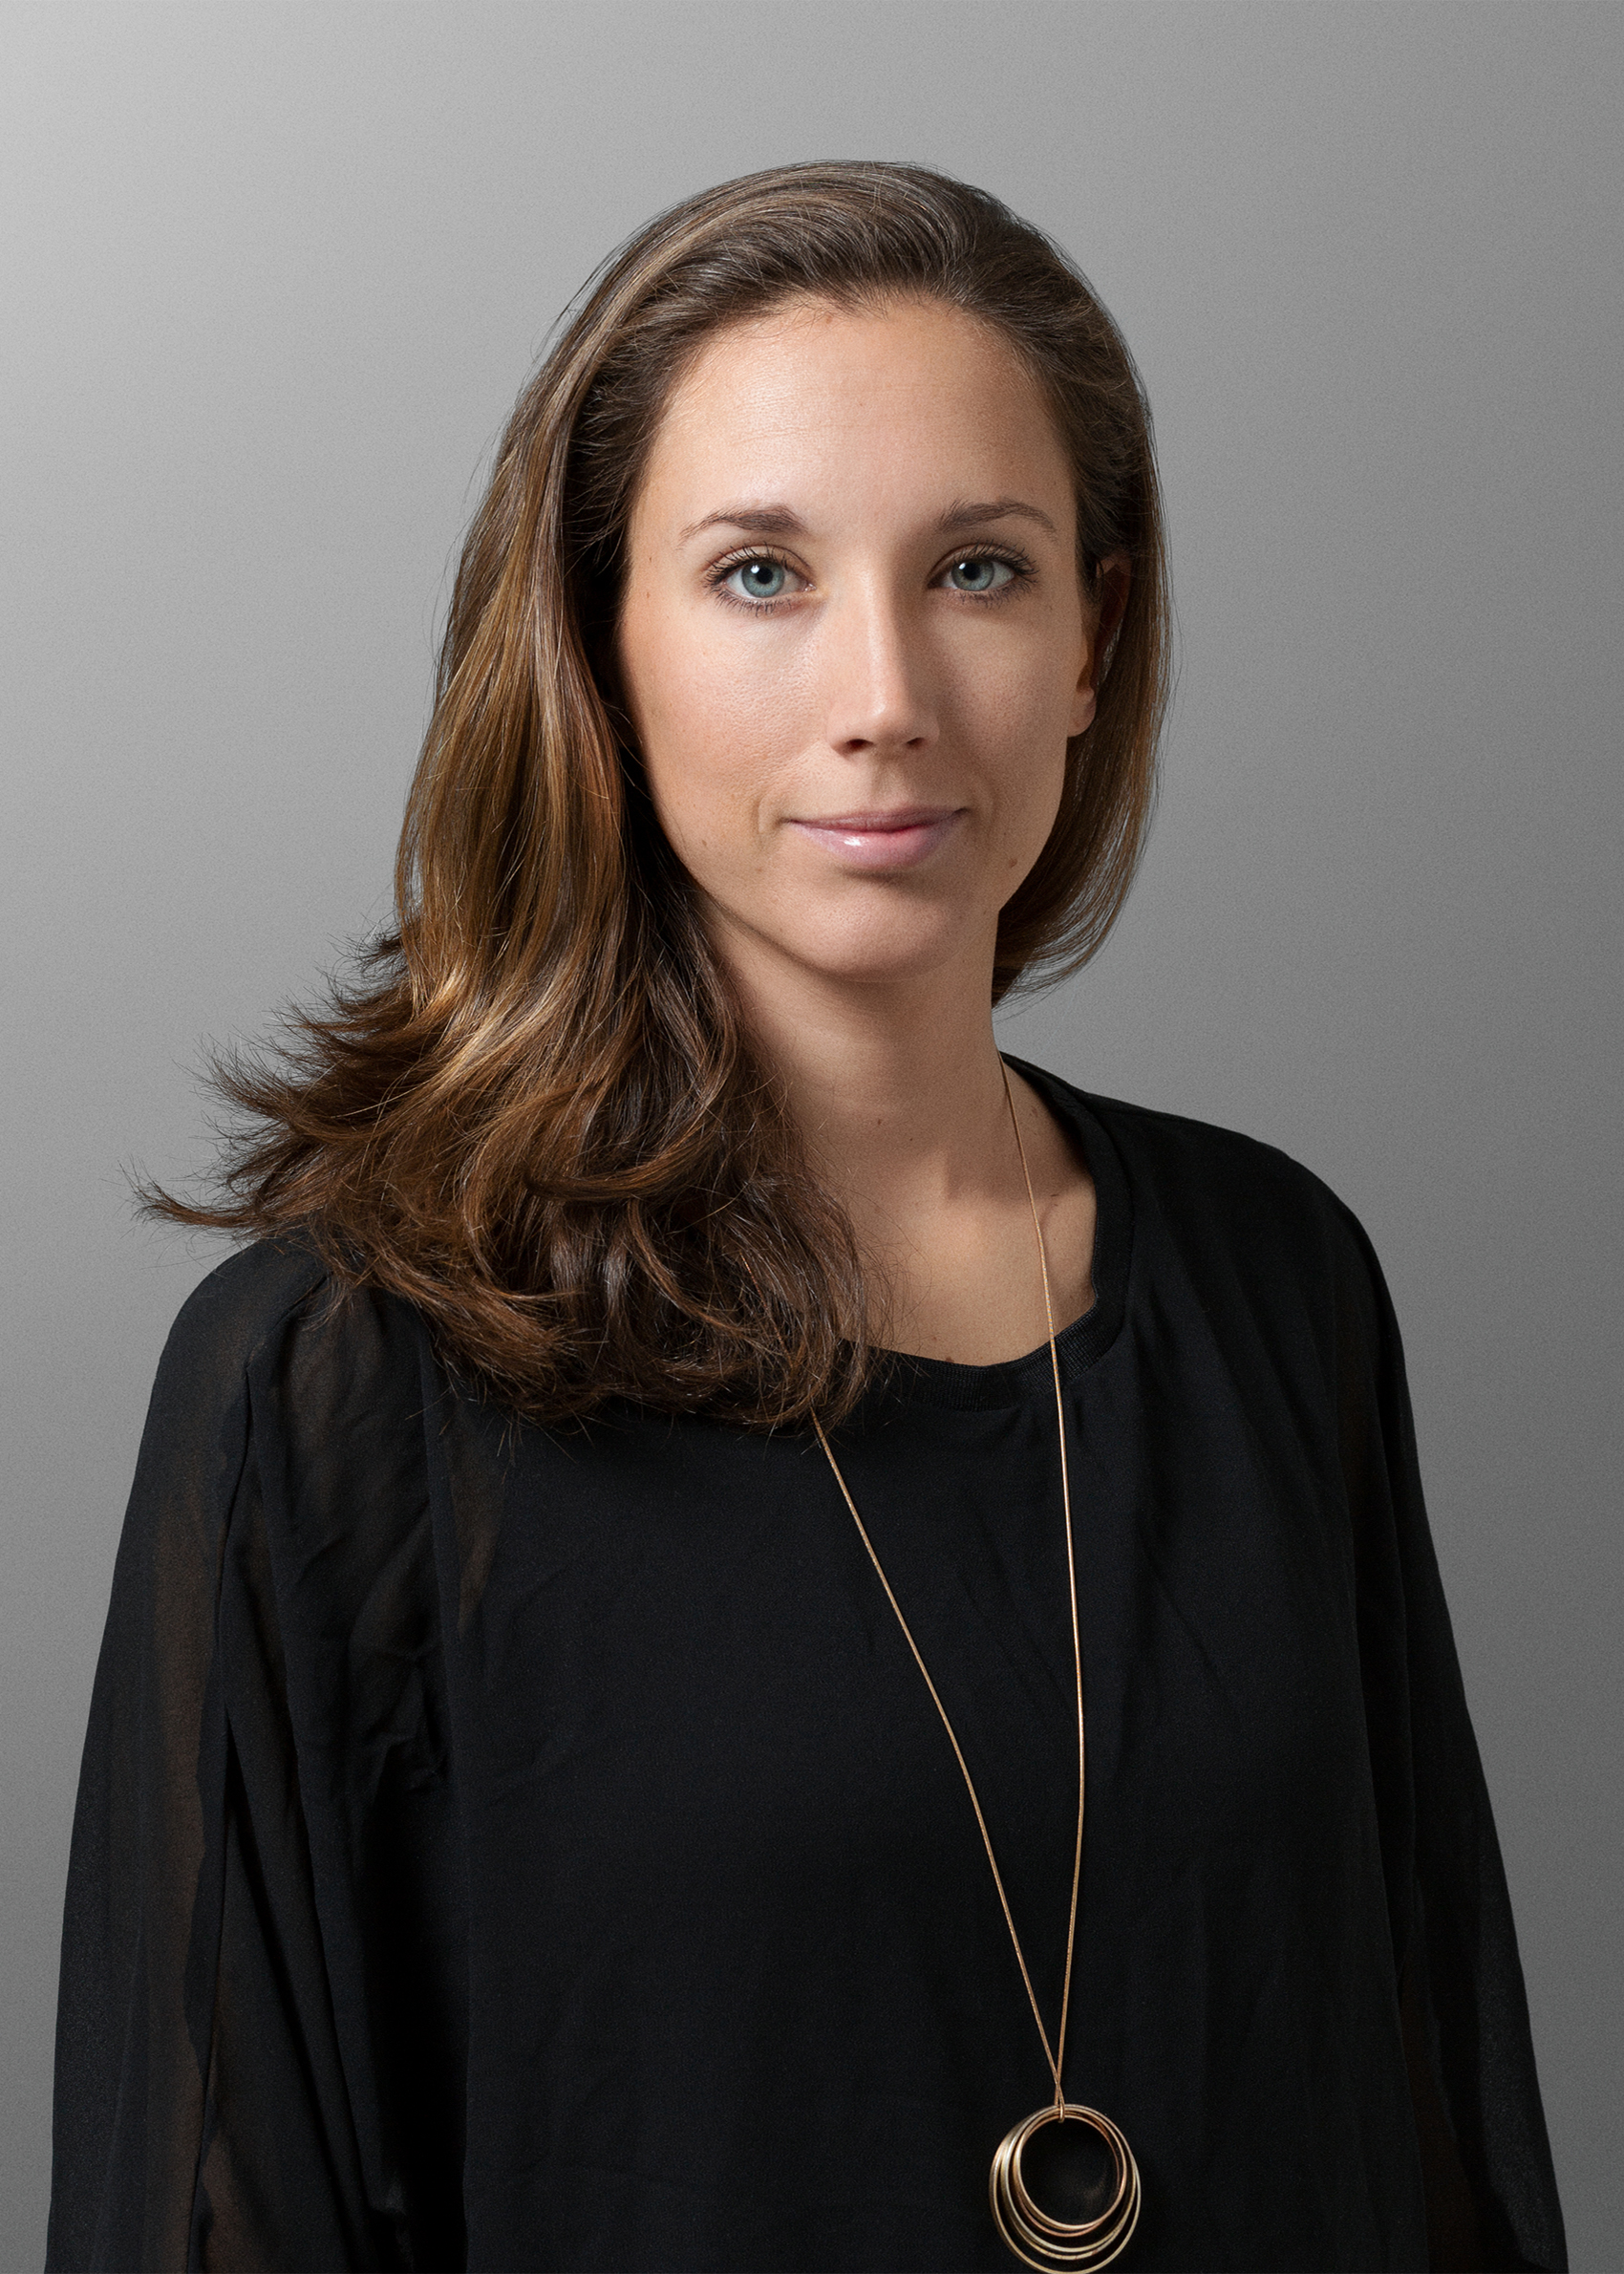 Andrea Giesecke